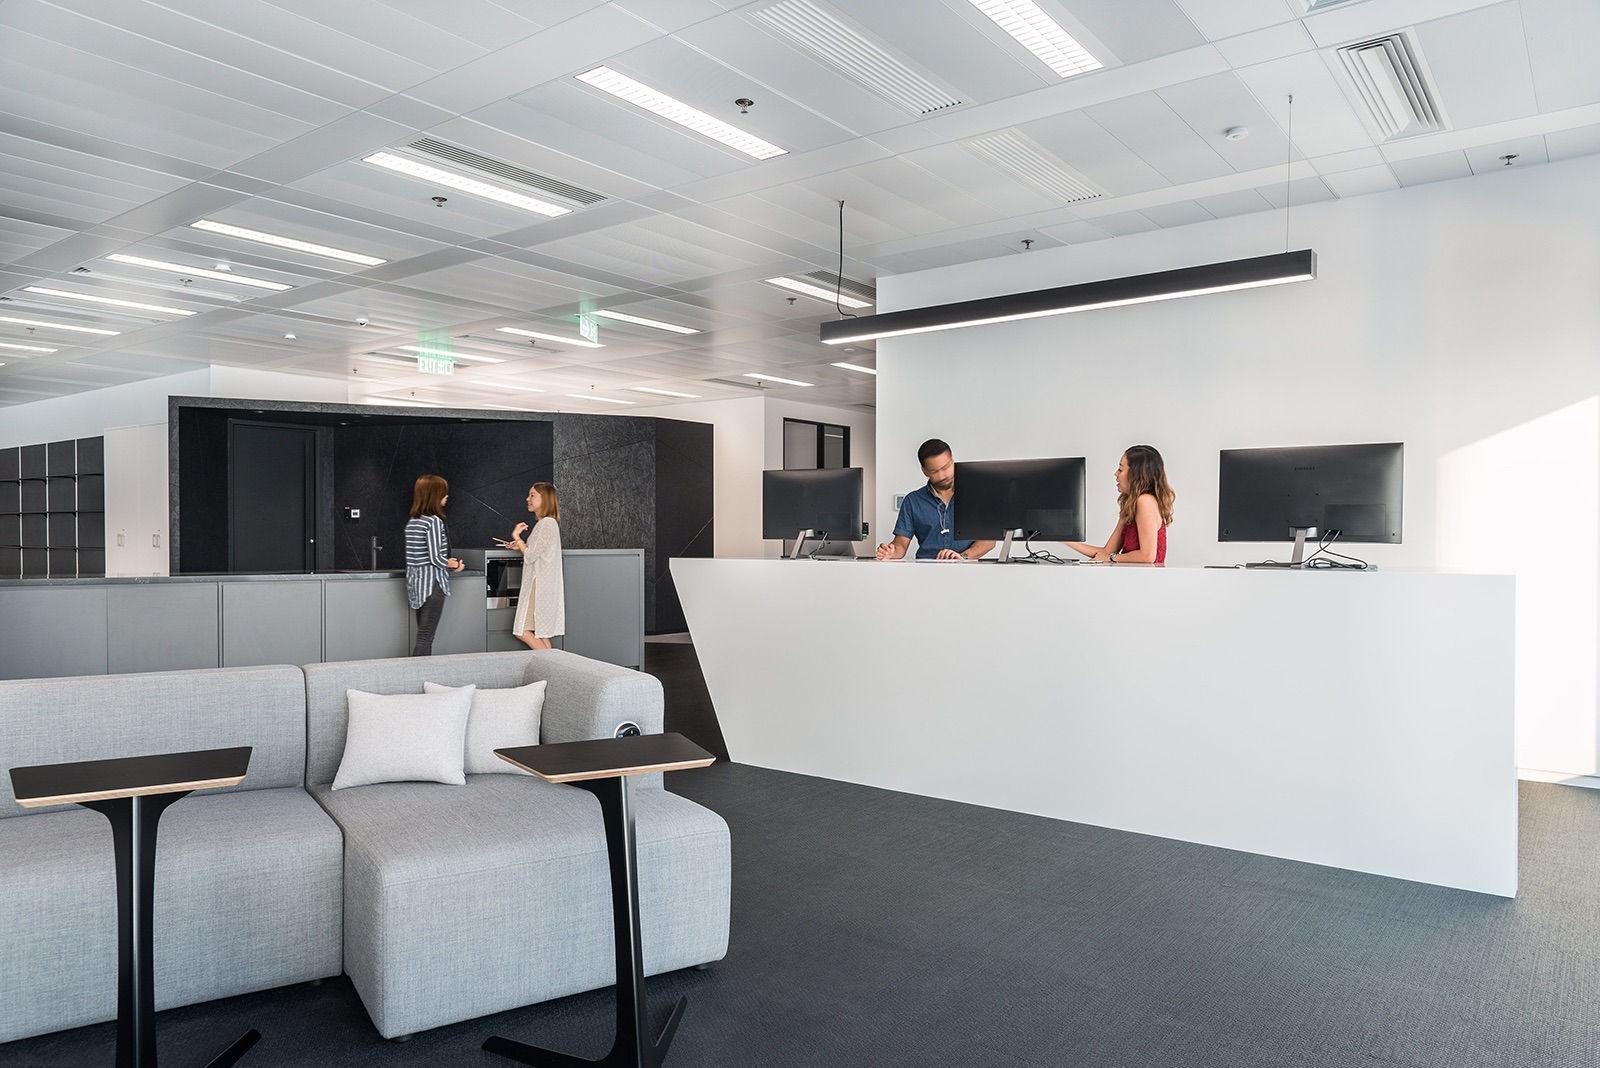 gymshark-hong-kong-office-6